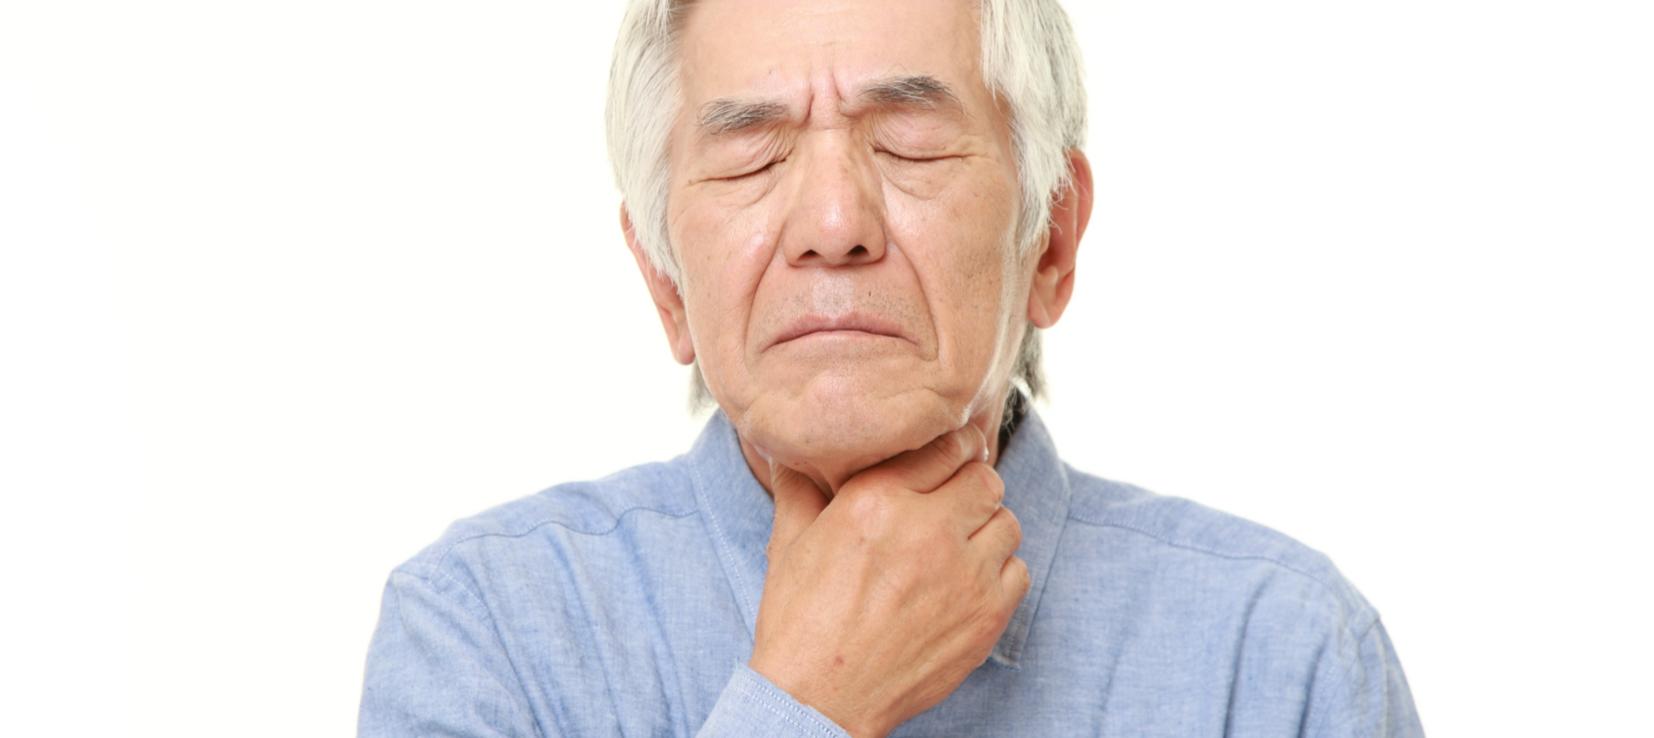 一覺醒來沒聲音!檢查竟是肺癌上身